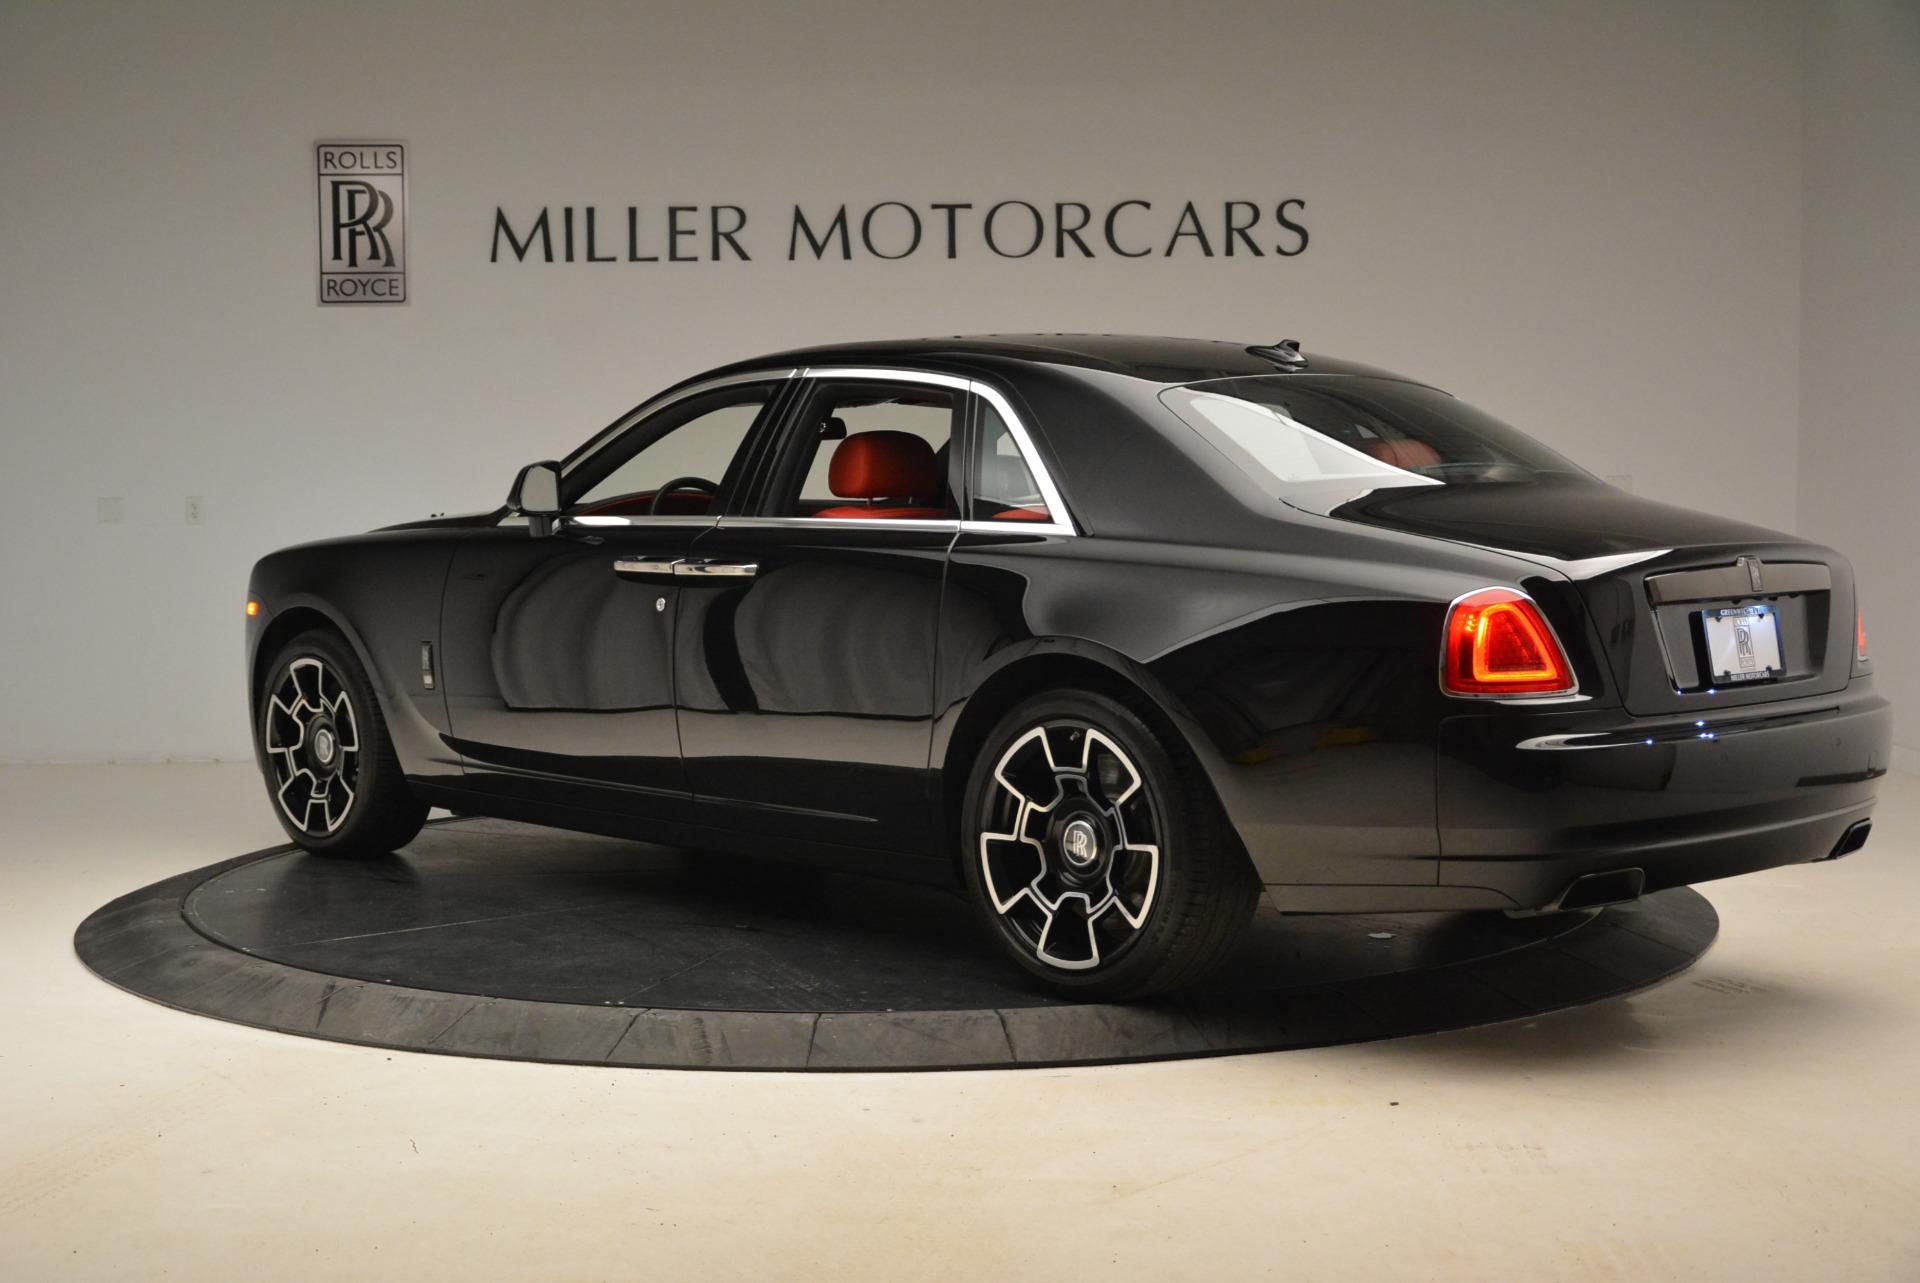 Used 2017 Rolls-Royce Ghost Black Badge For Sale In Westport, CT 2154_p5